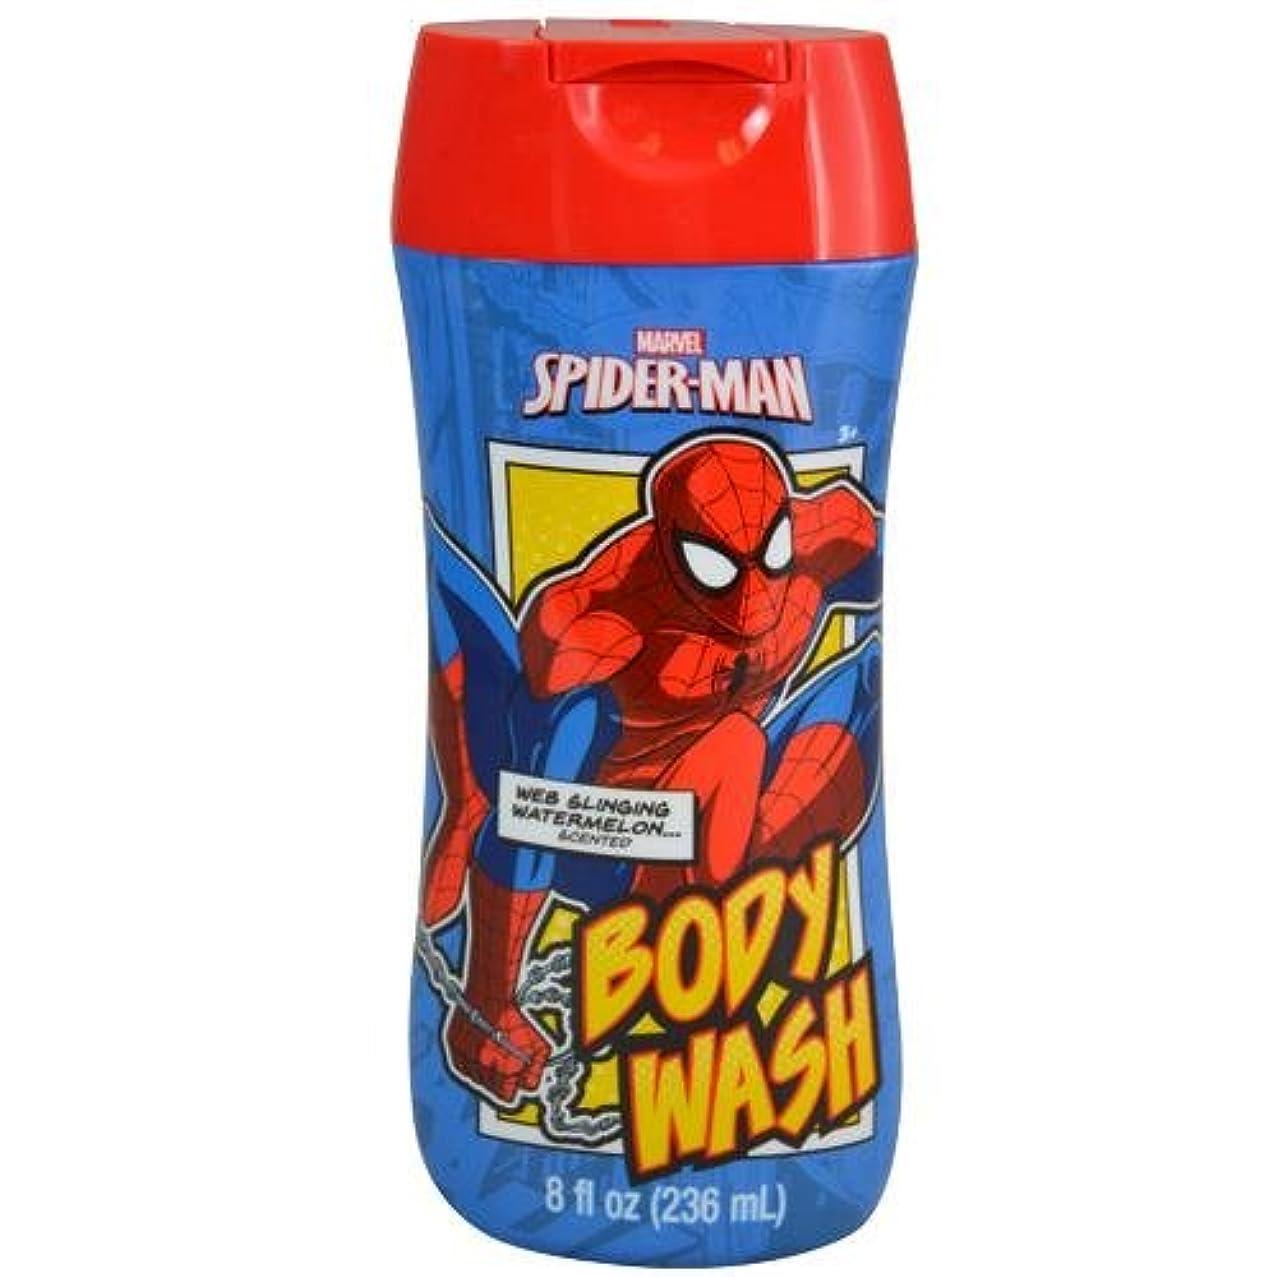 前奏曲オートメーションチキンスパイダーマン SPIDER-MAN ボディーソープ 12185 MARVEL お風呂 ボディ ソープ 子供用 キッズ ボディソープ MARVEL ボディウォッシュ マーベル ボディーウォッシュ【即日?翌日発送】